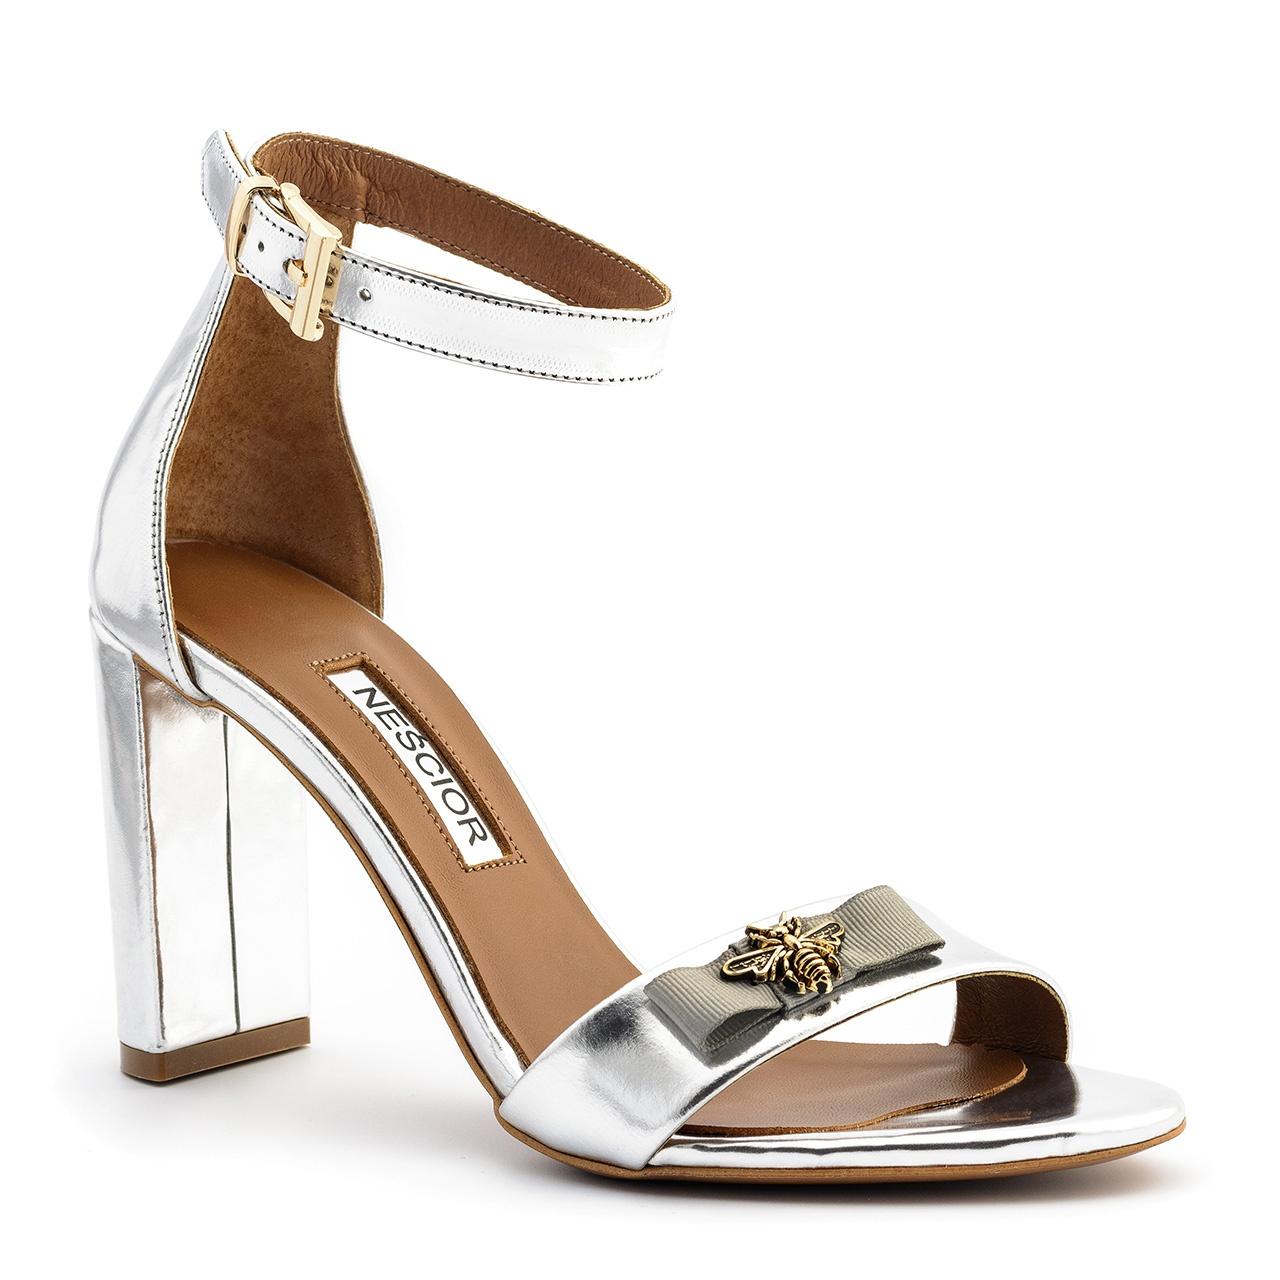 a4696a54f5c19 Srebrne skórzane sandały na słupku 33P - Neścior Sklep Firmowy